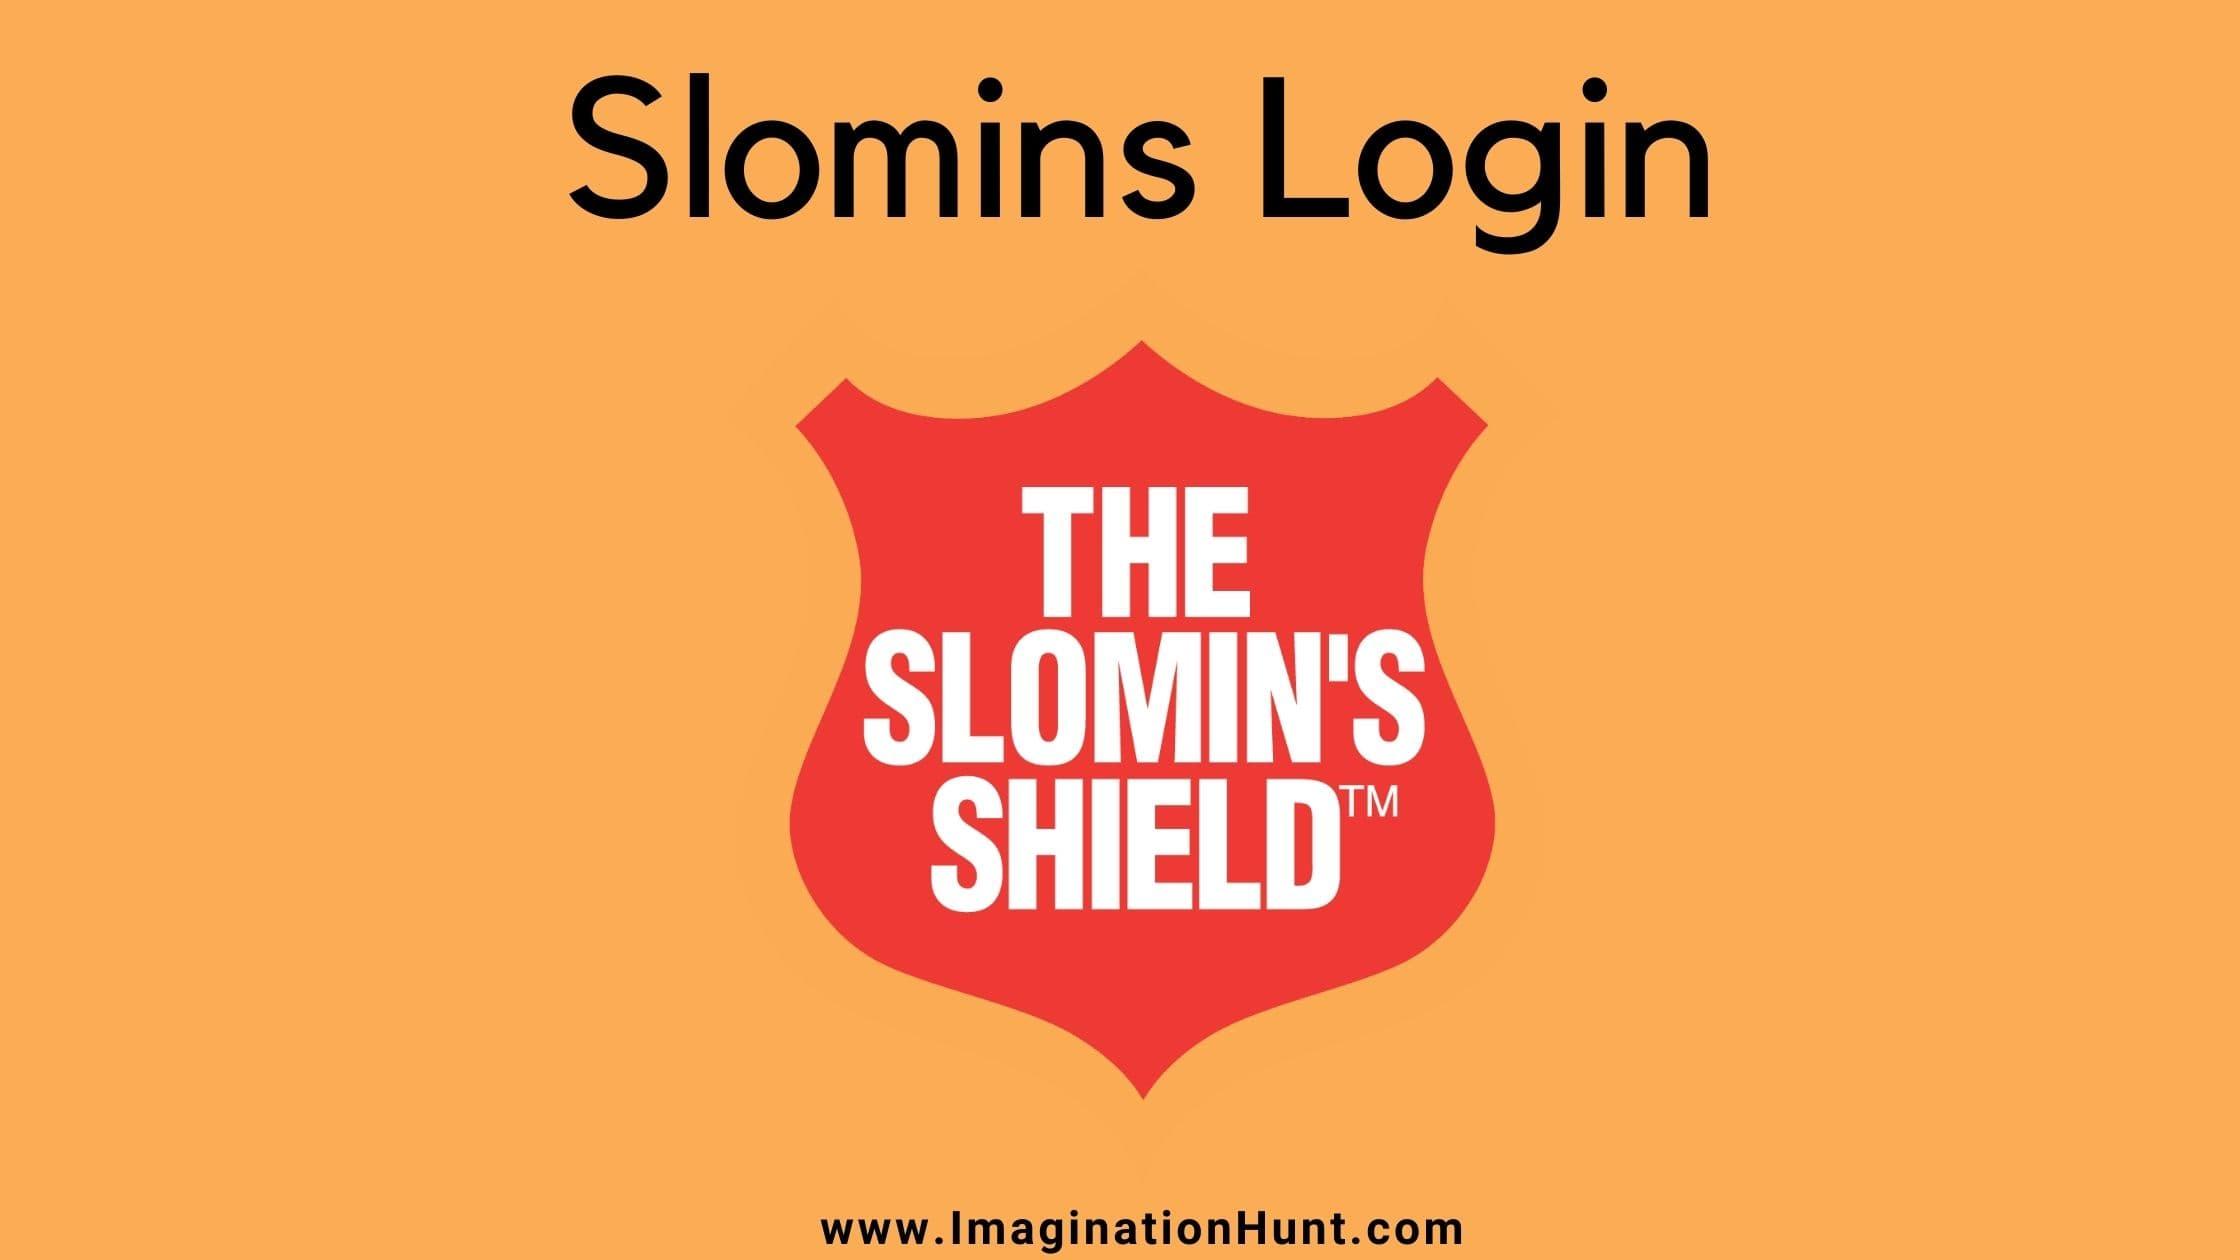 Slomins Login